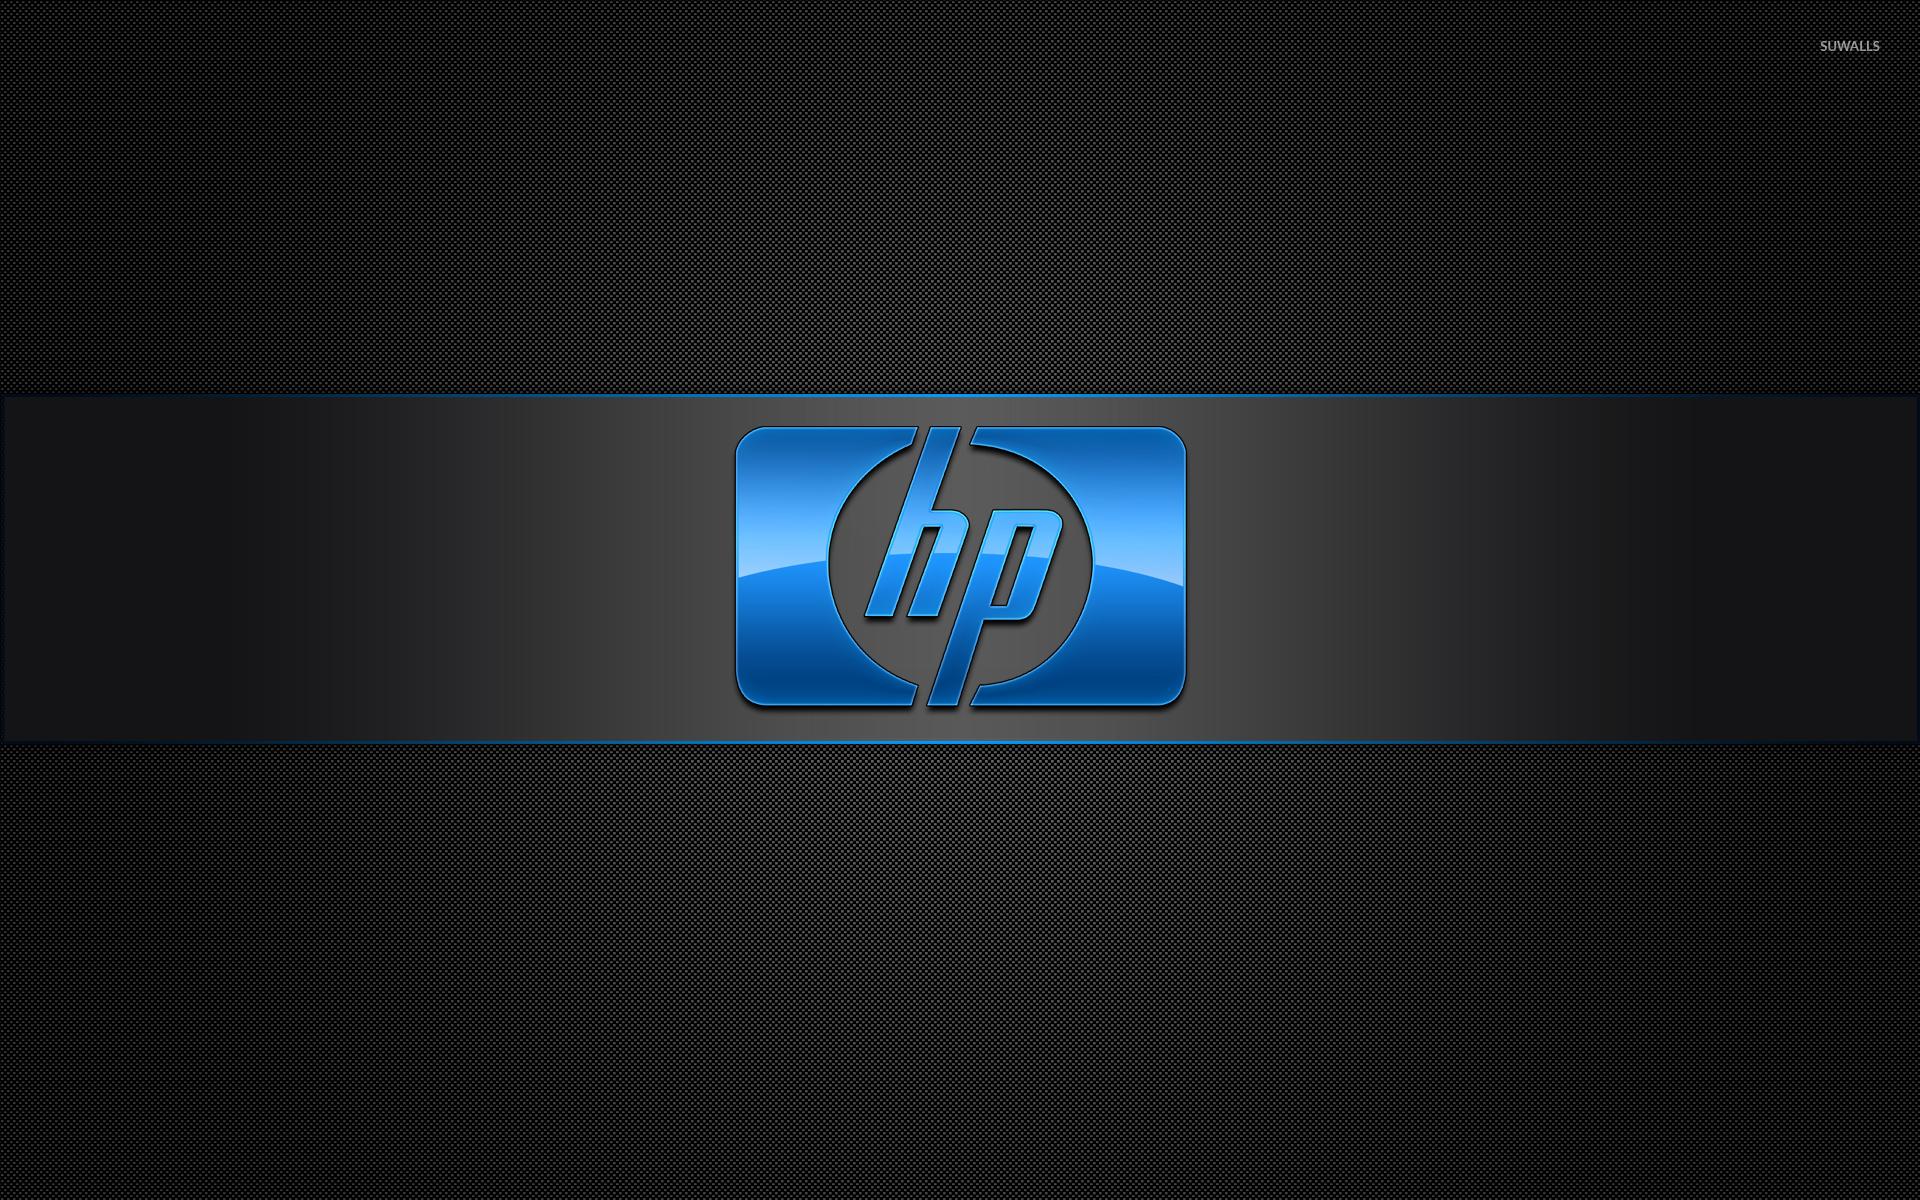 Hewlett Packard Wallpaper Computer Wallpapers 8621